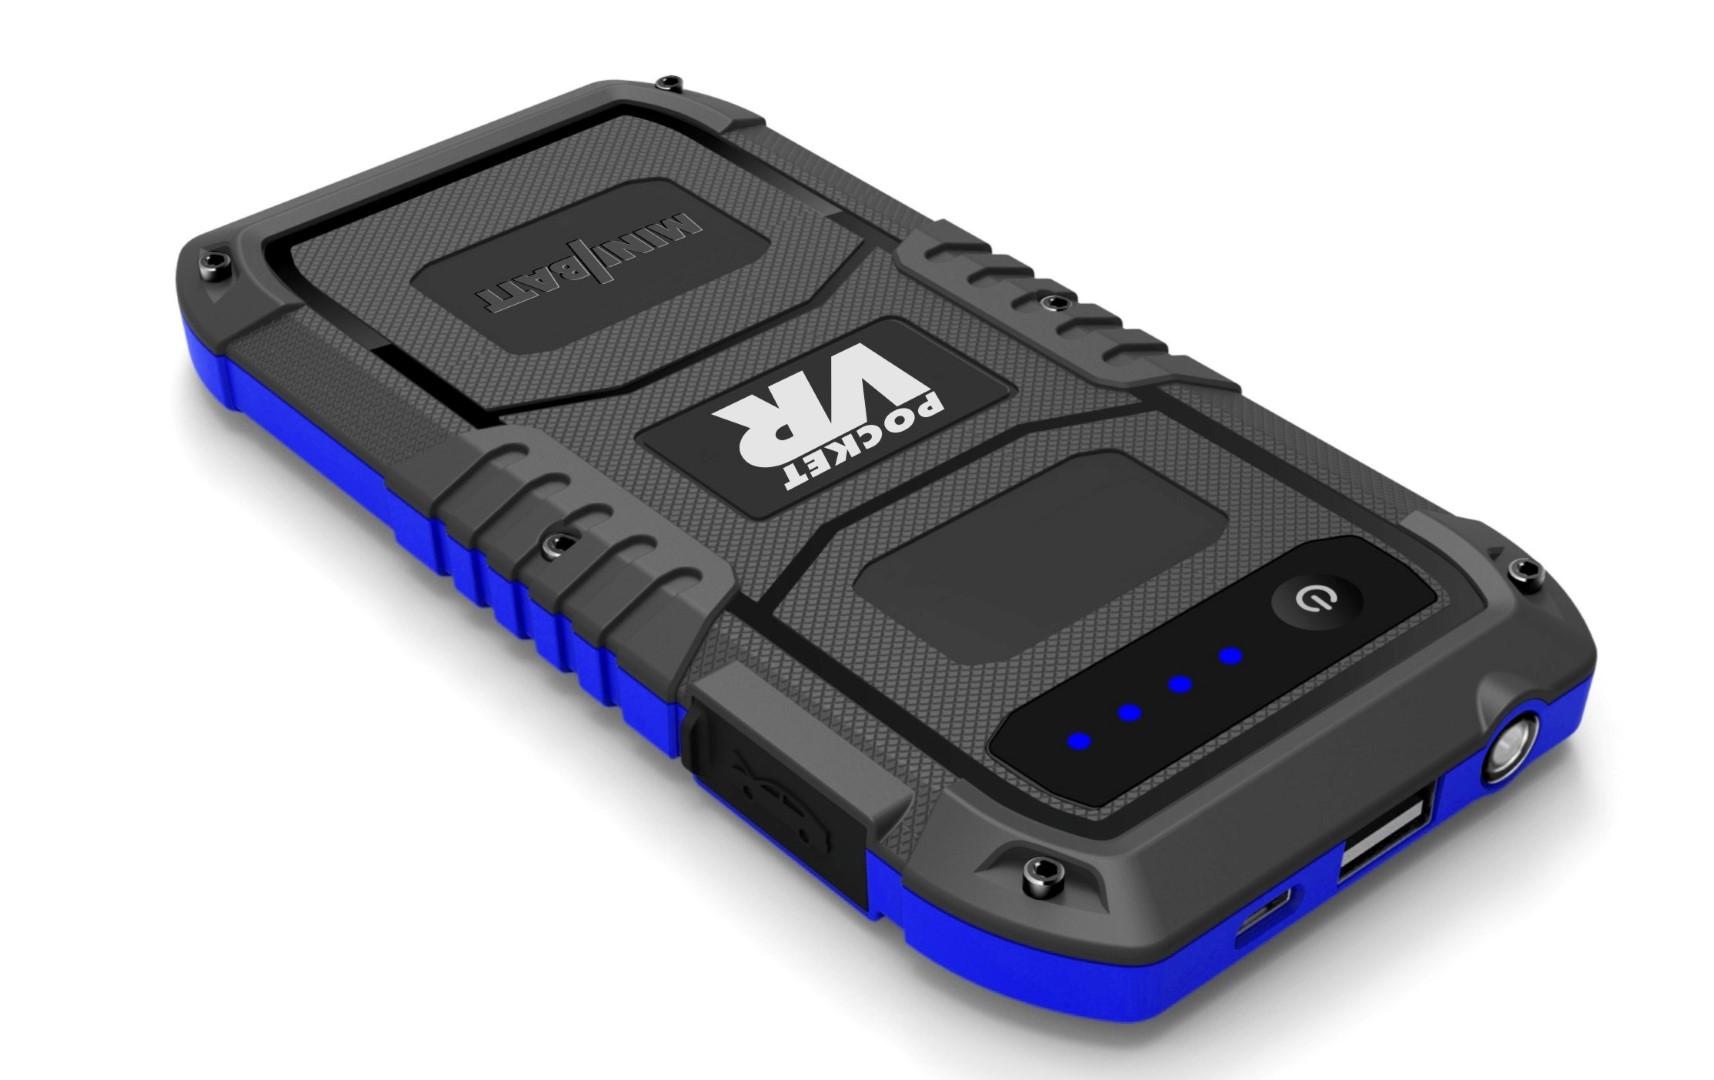 Minibatt Pocket VR, fotos